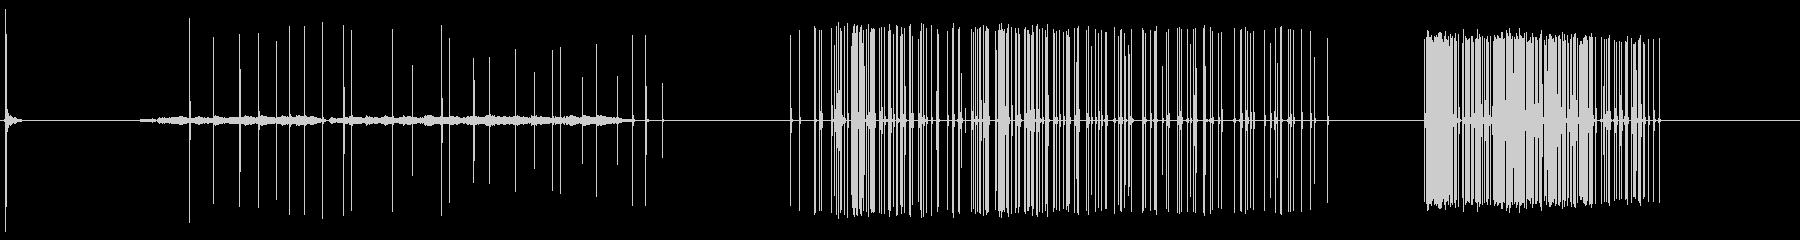 花火爆弾ラウドバーストの未再生の波形